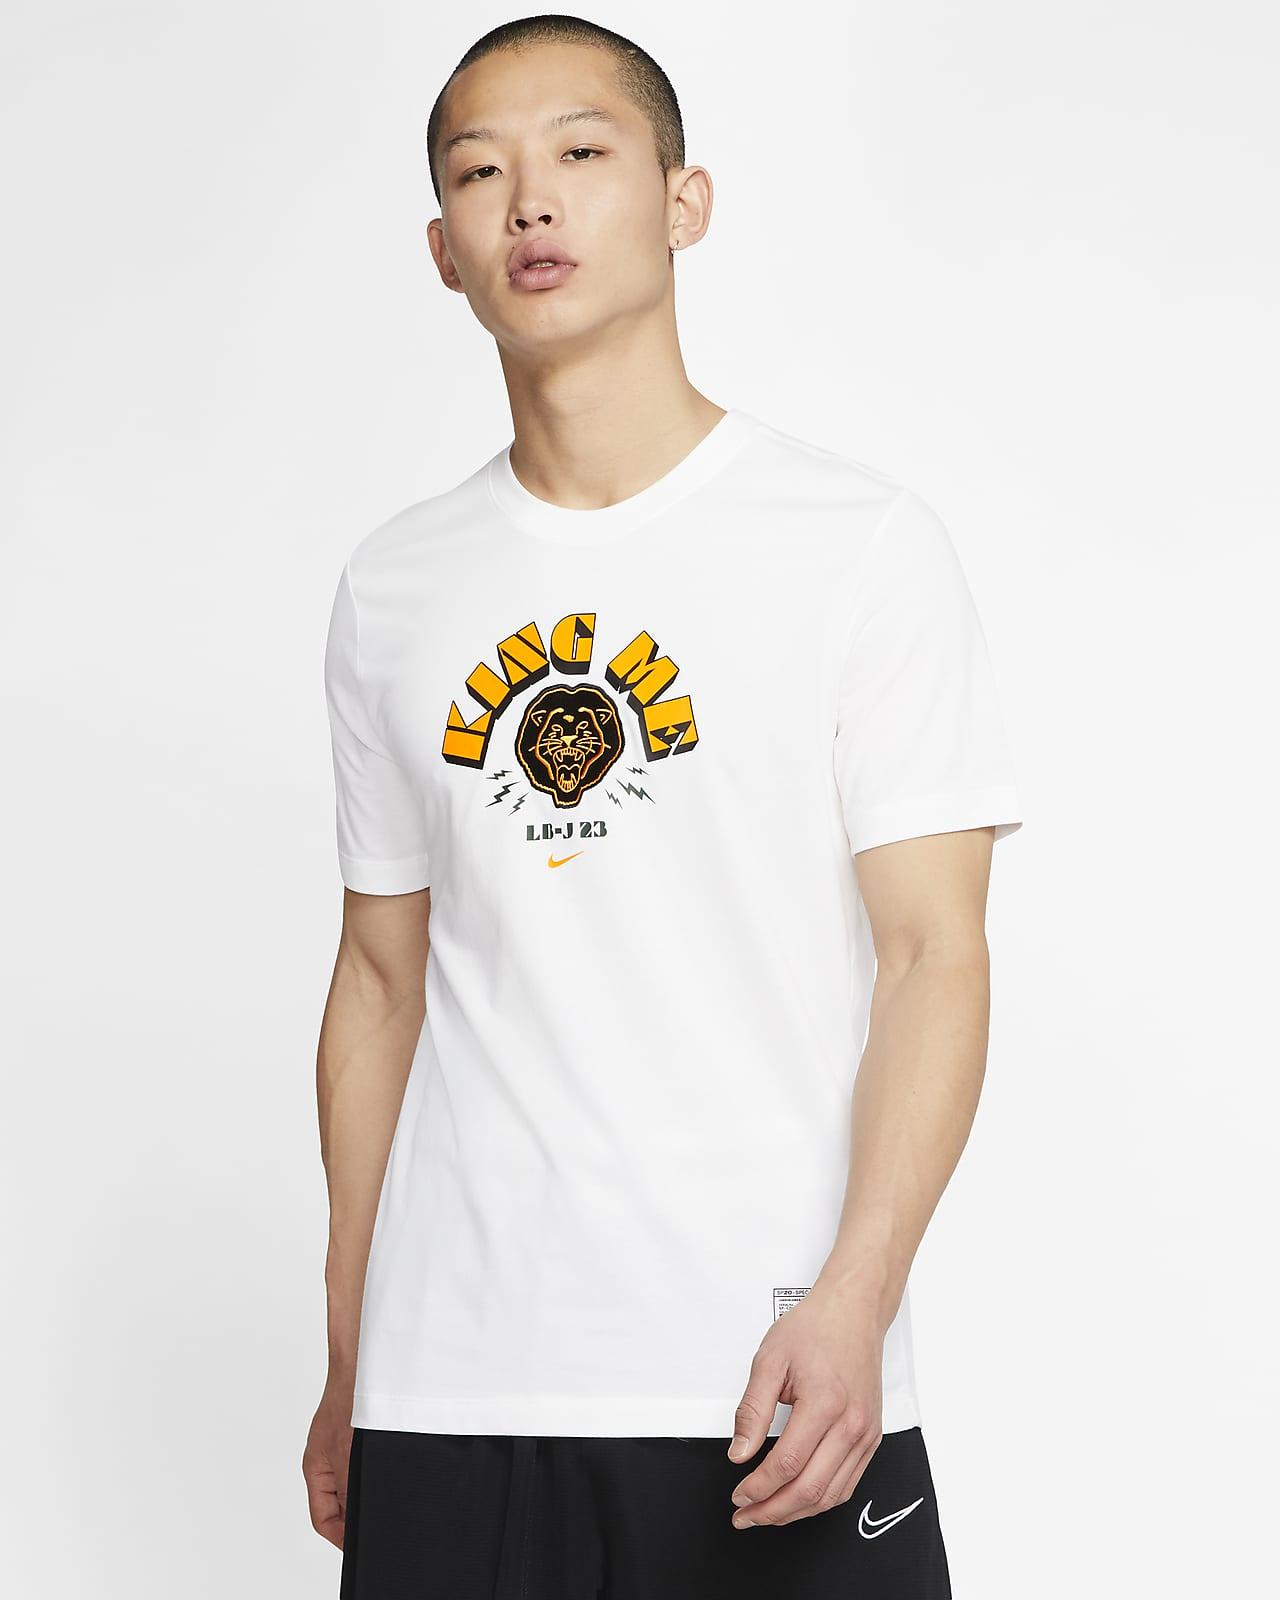 Nike Dri-FIT LeBron 'King Me' Men's Basketball T-Shirt